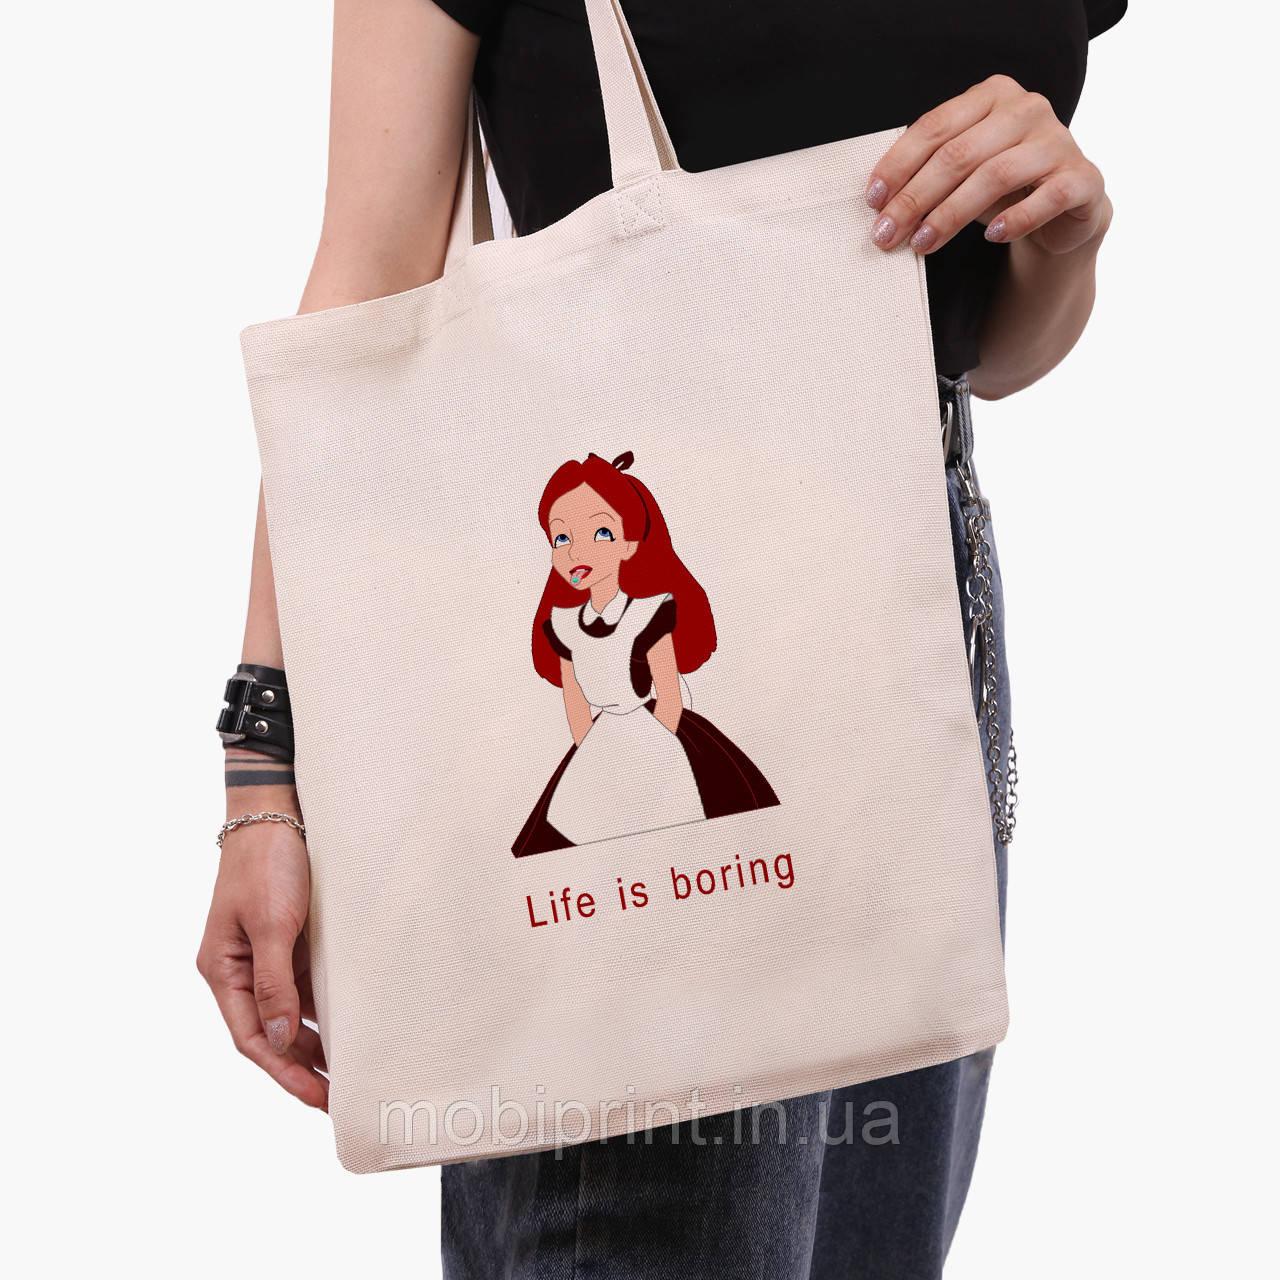 """Эко сумка шоппер Алиса """"Дисней"""" (Alice """"Disney"""") (9227-1435)  экосумка шопер 41*35 см"""